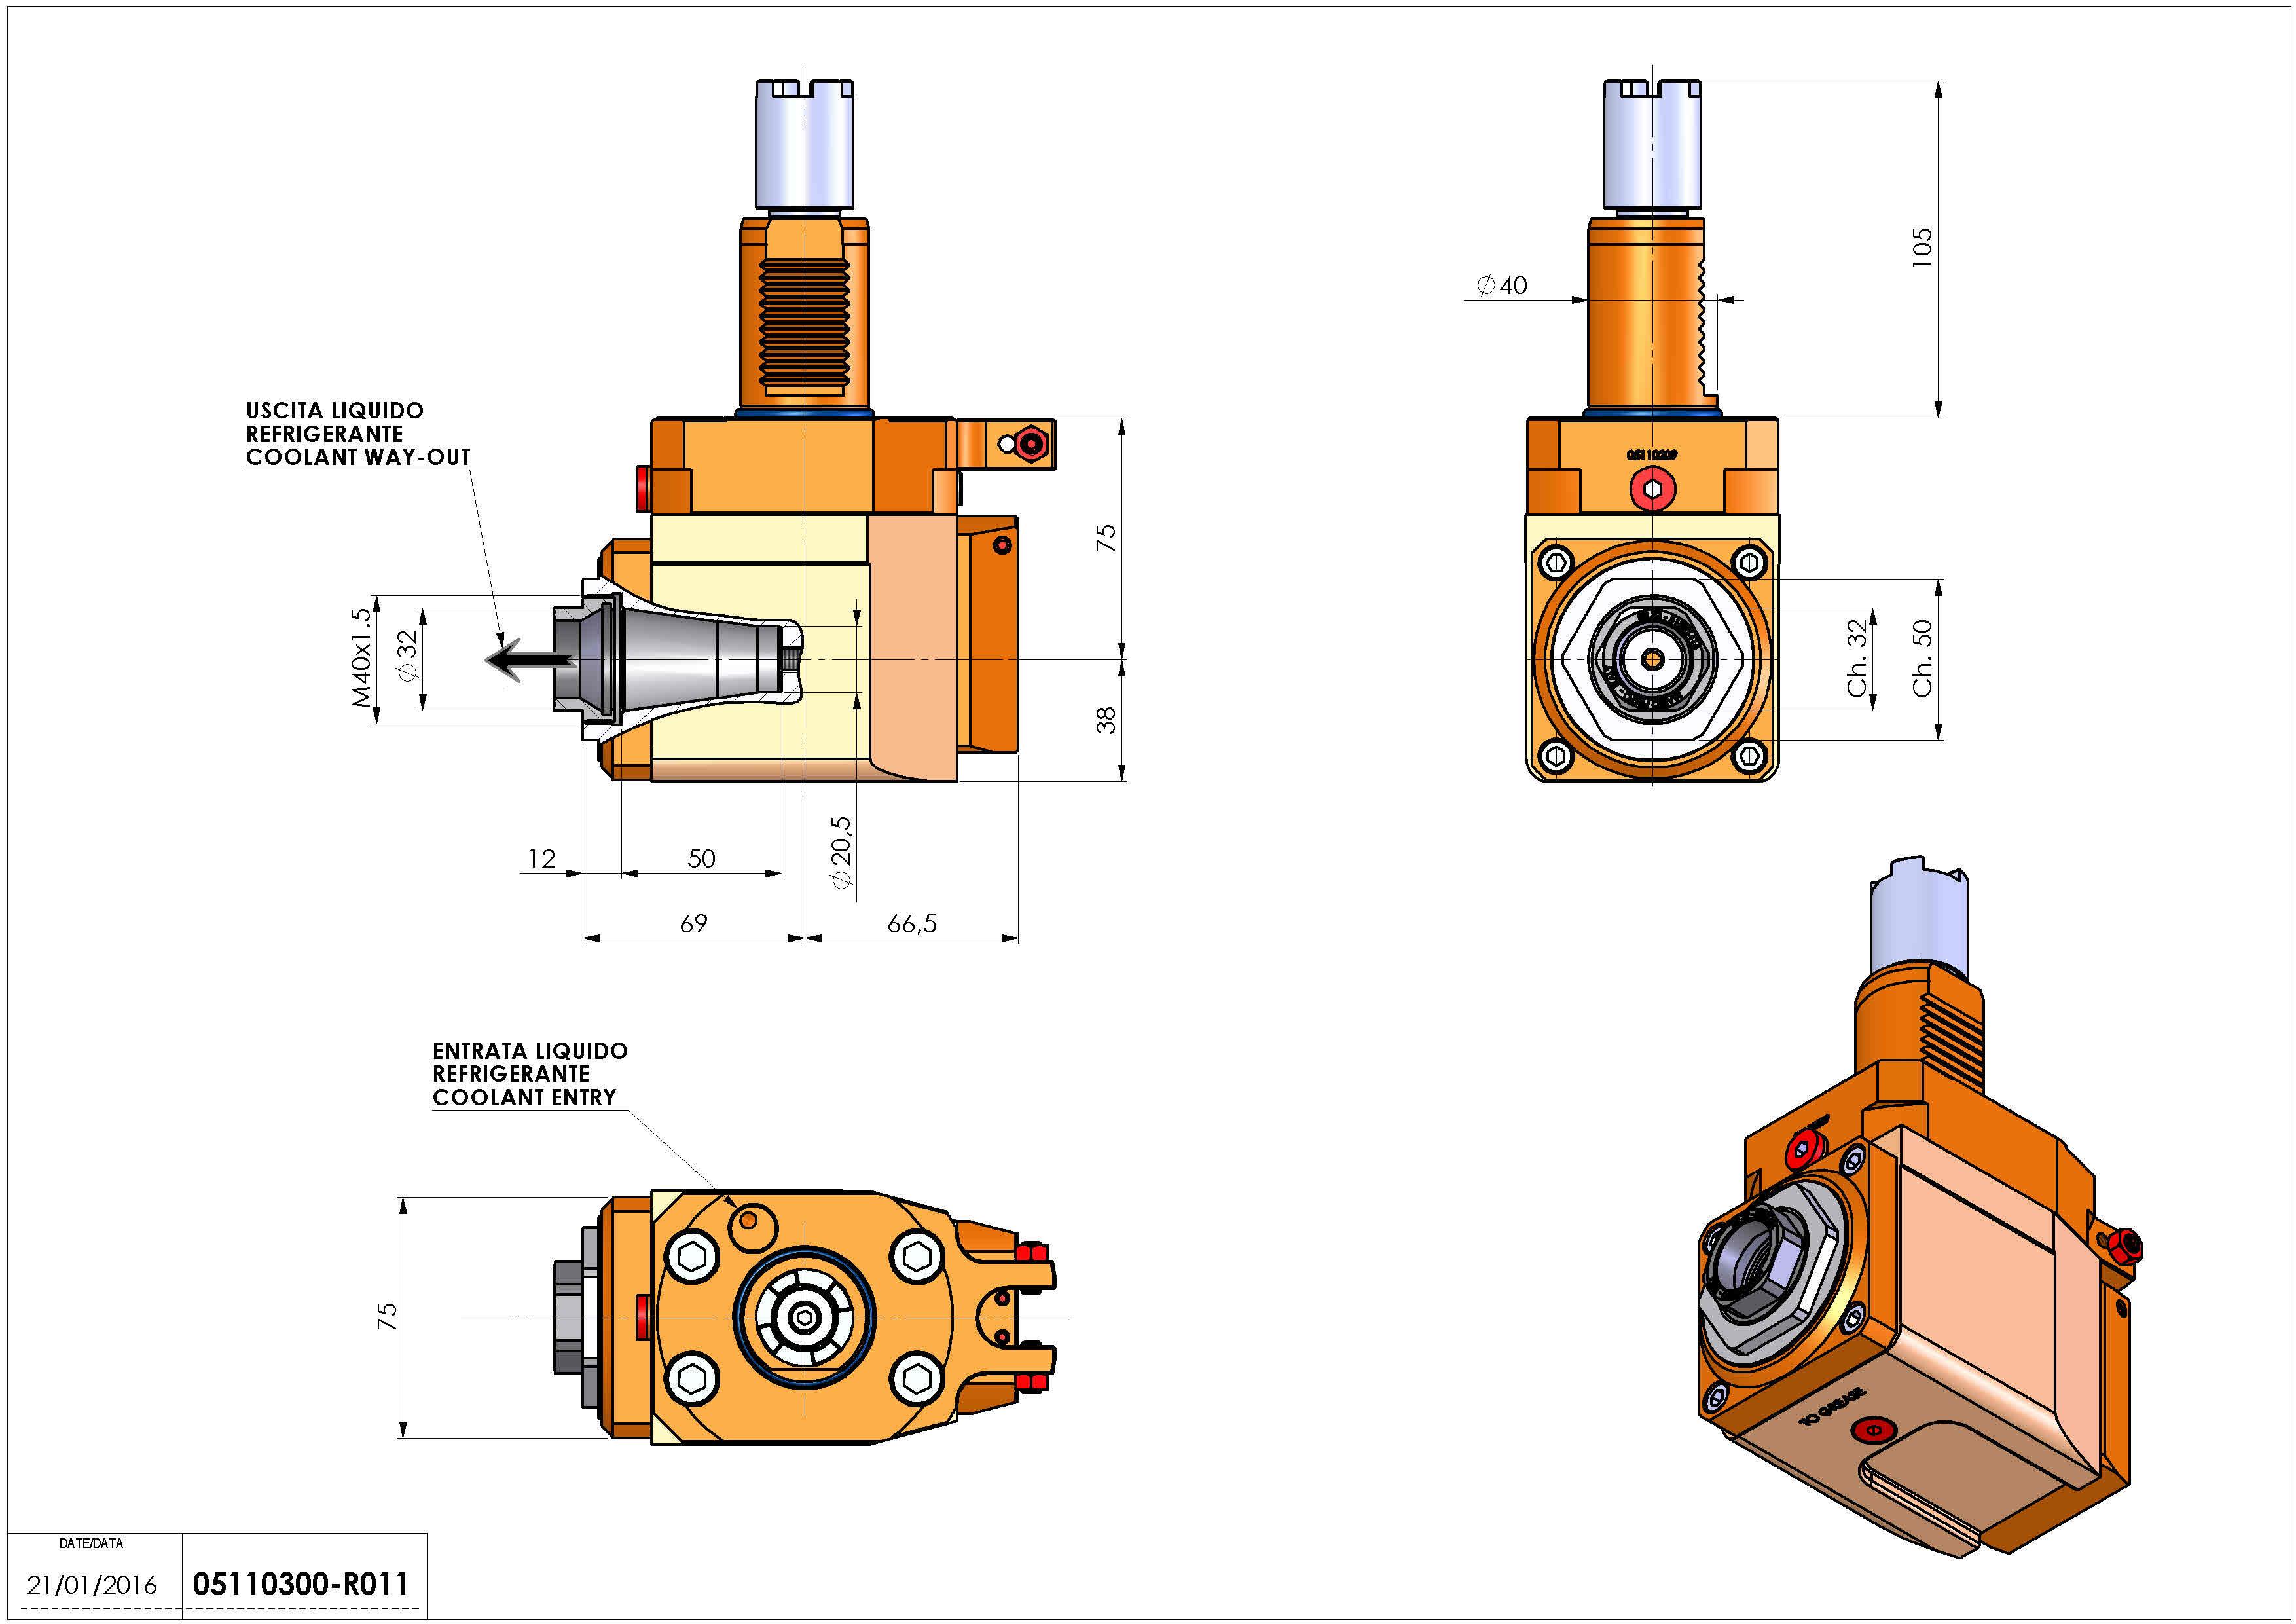 Technical image - LT-A VDI40 ER32F R RF H75 HA.